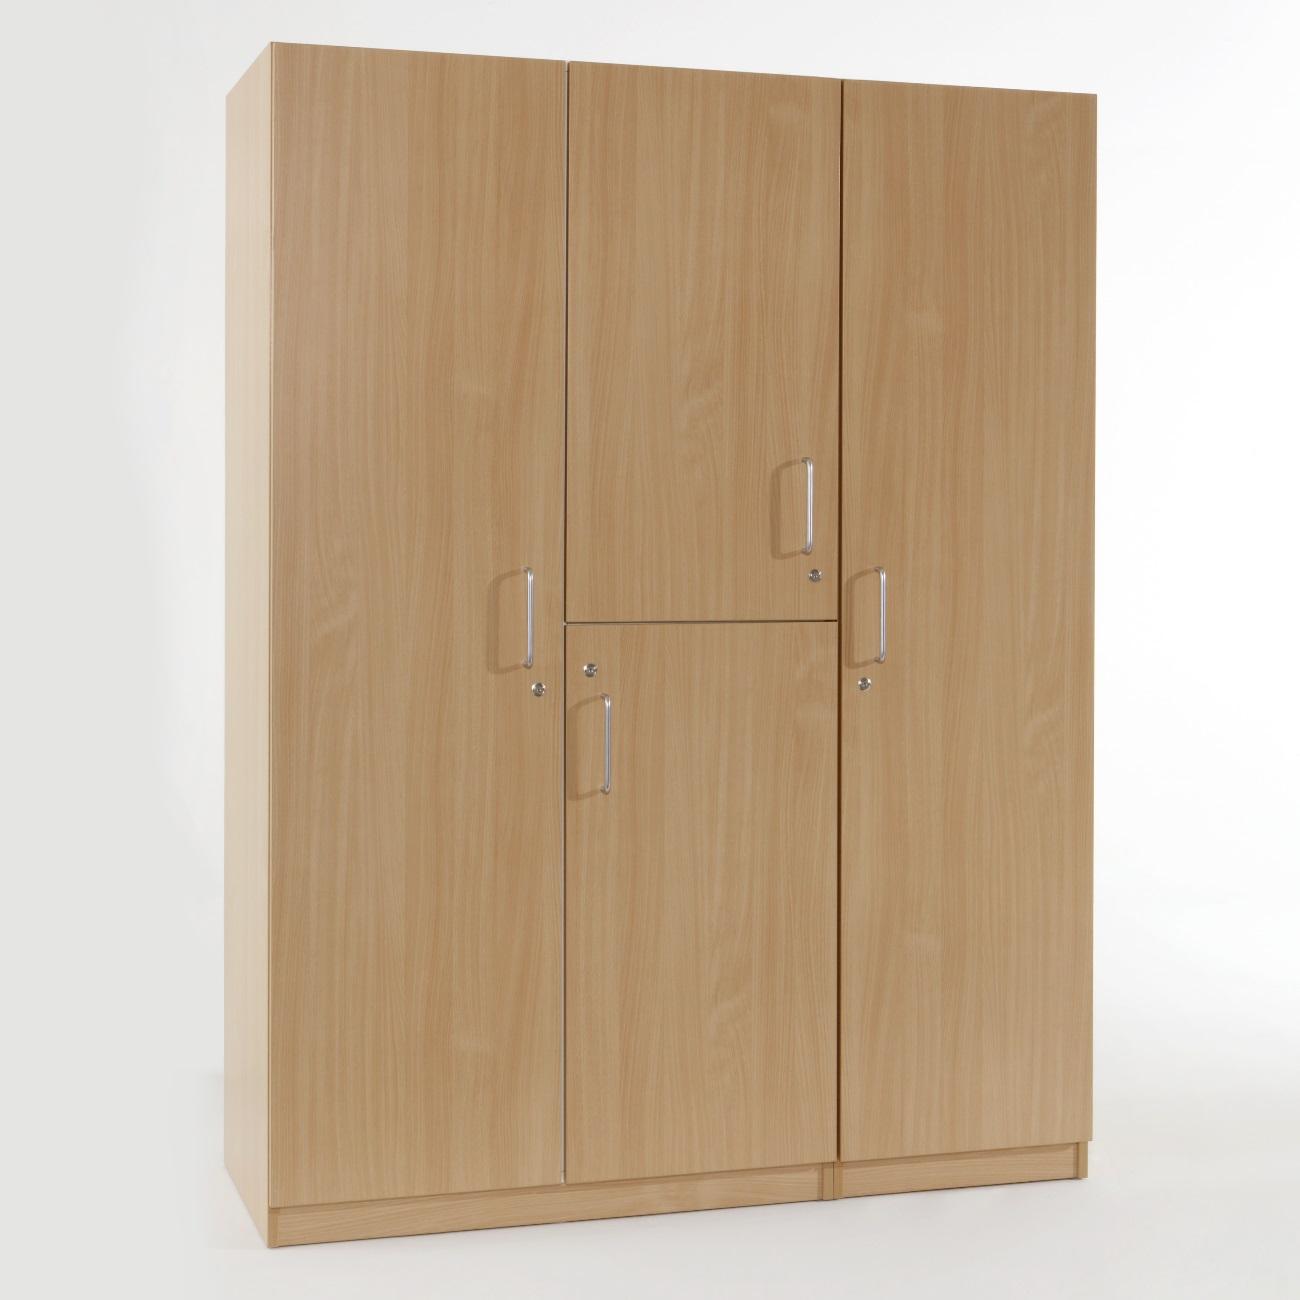 m bel f r die pflegeheim altenheimausstattung bei seeger24 kaufen online sanit tshaus. Black Bedroom Furniture Sets. Home Design Ideas